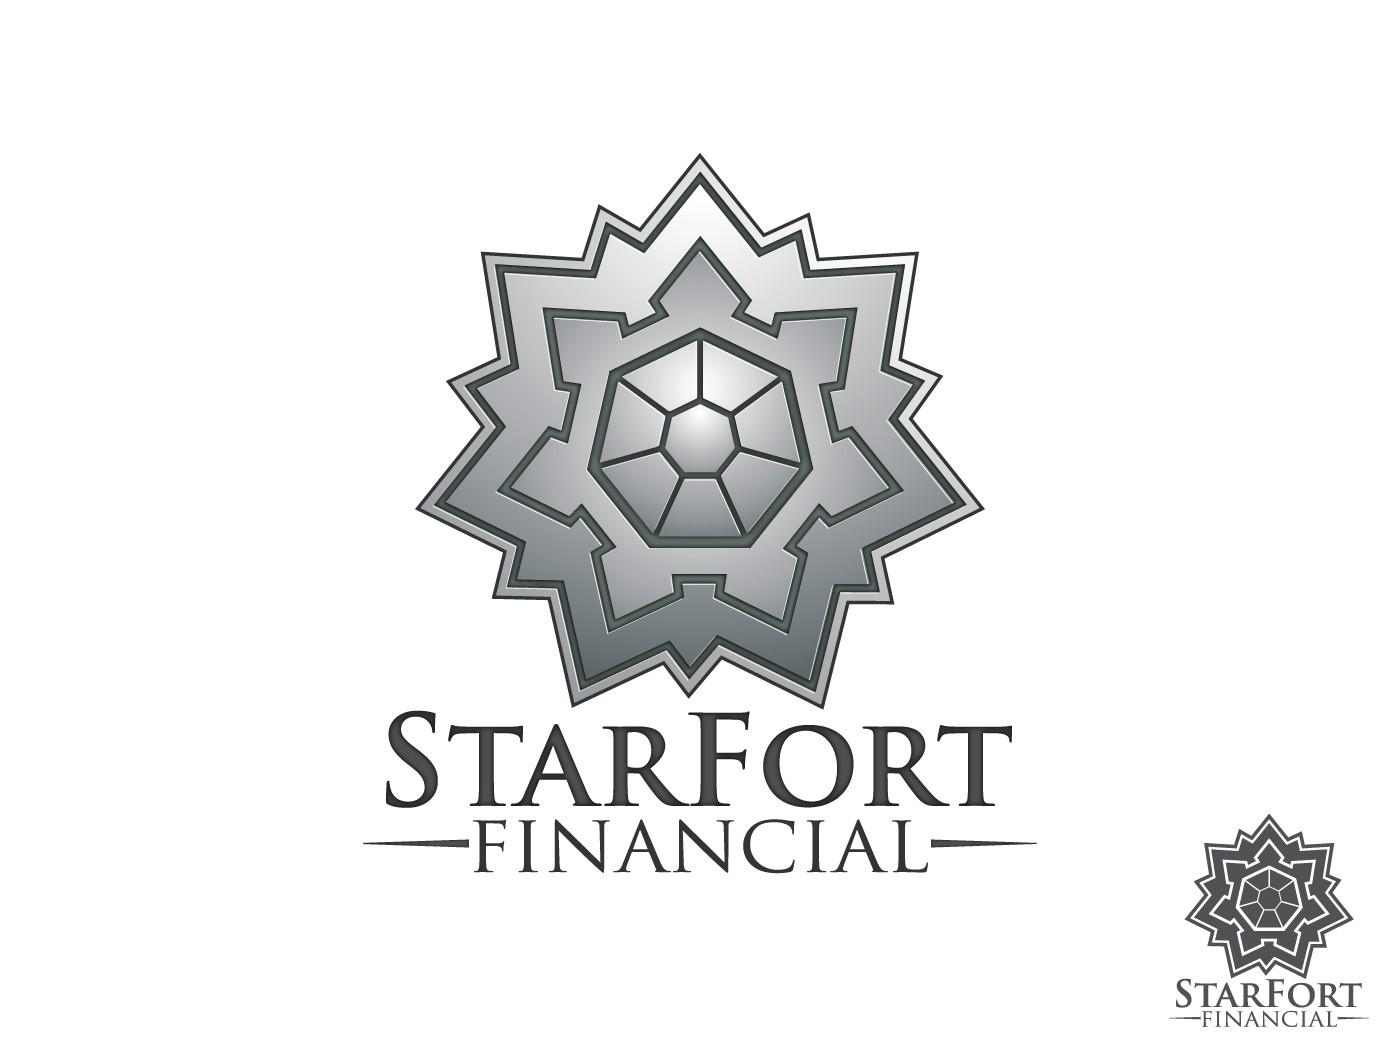 logo for StarFort Financial